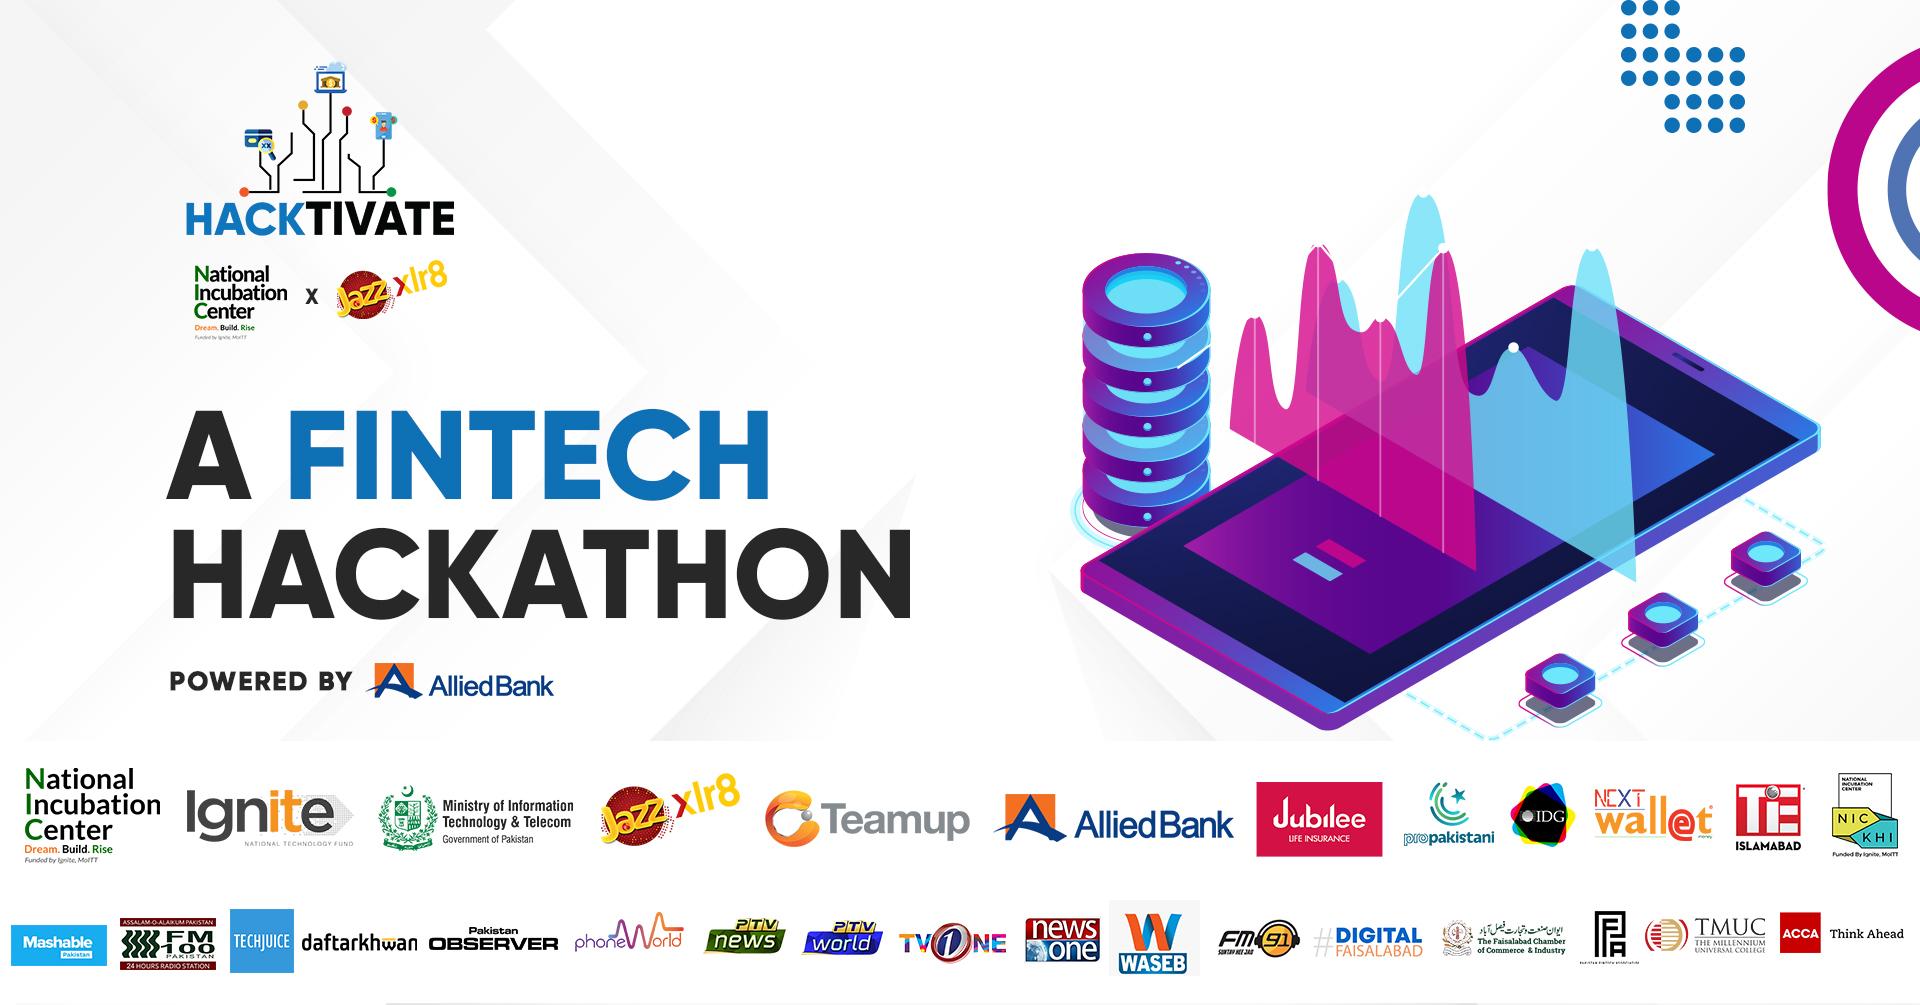 Hacktivate 4.0 - A Hackathon on Fintech